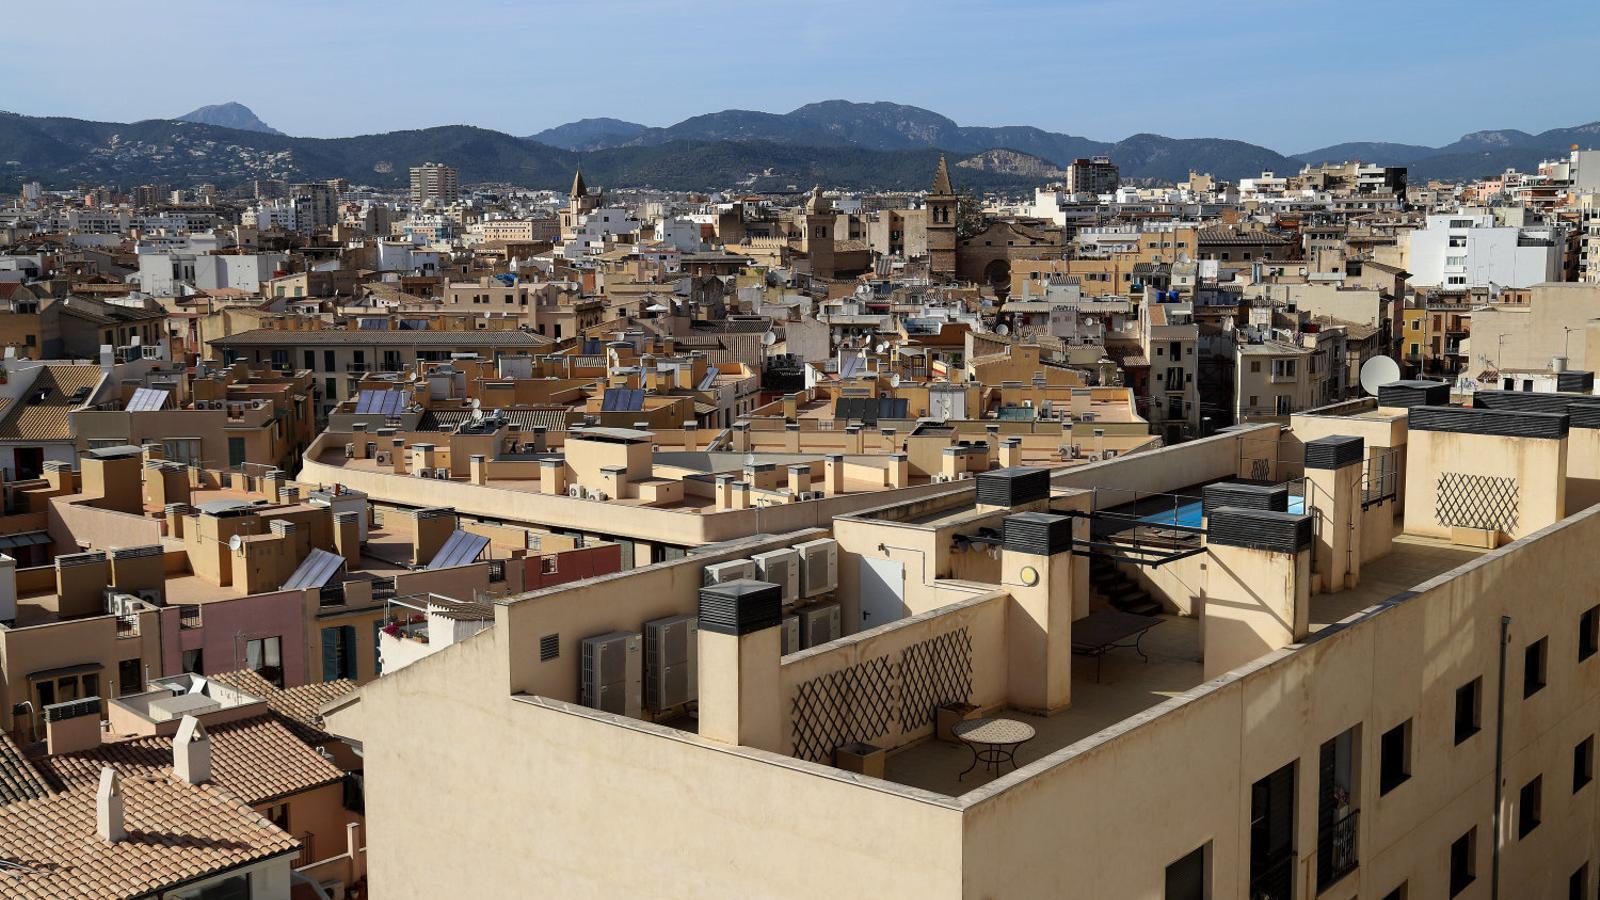 Els europeus dels països rics empenyen l'augment del preu del lloguer a Palma